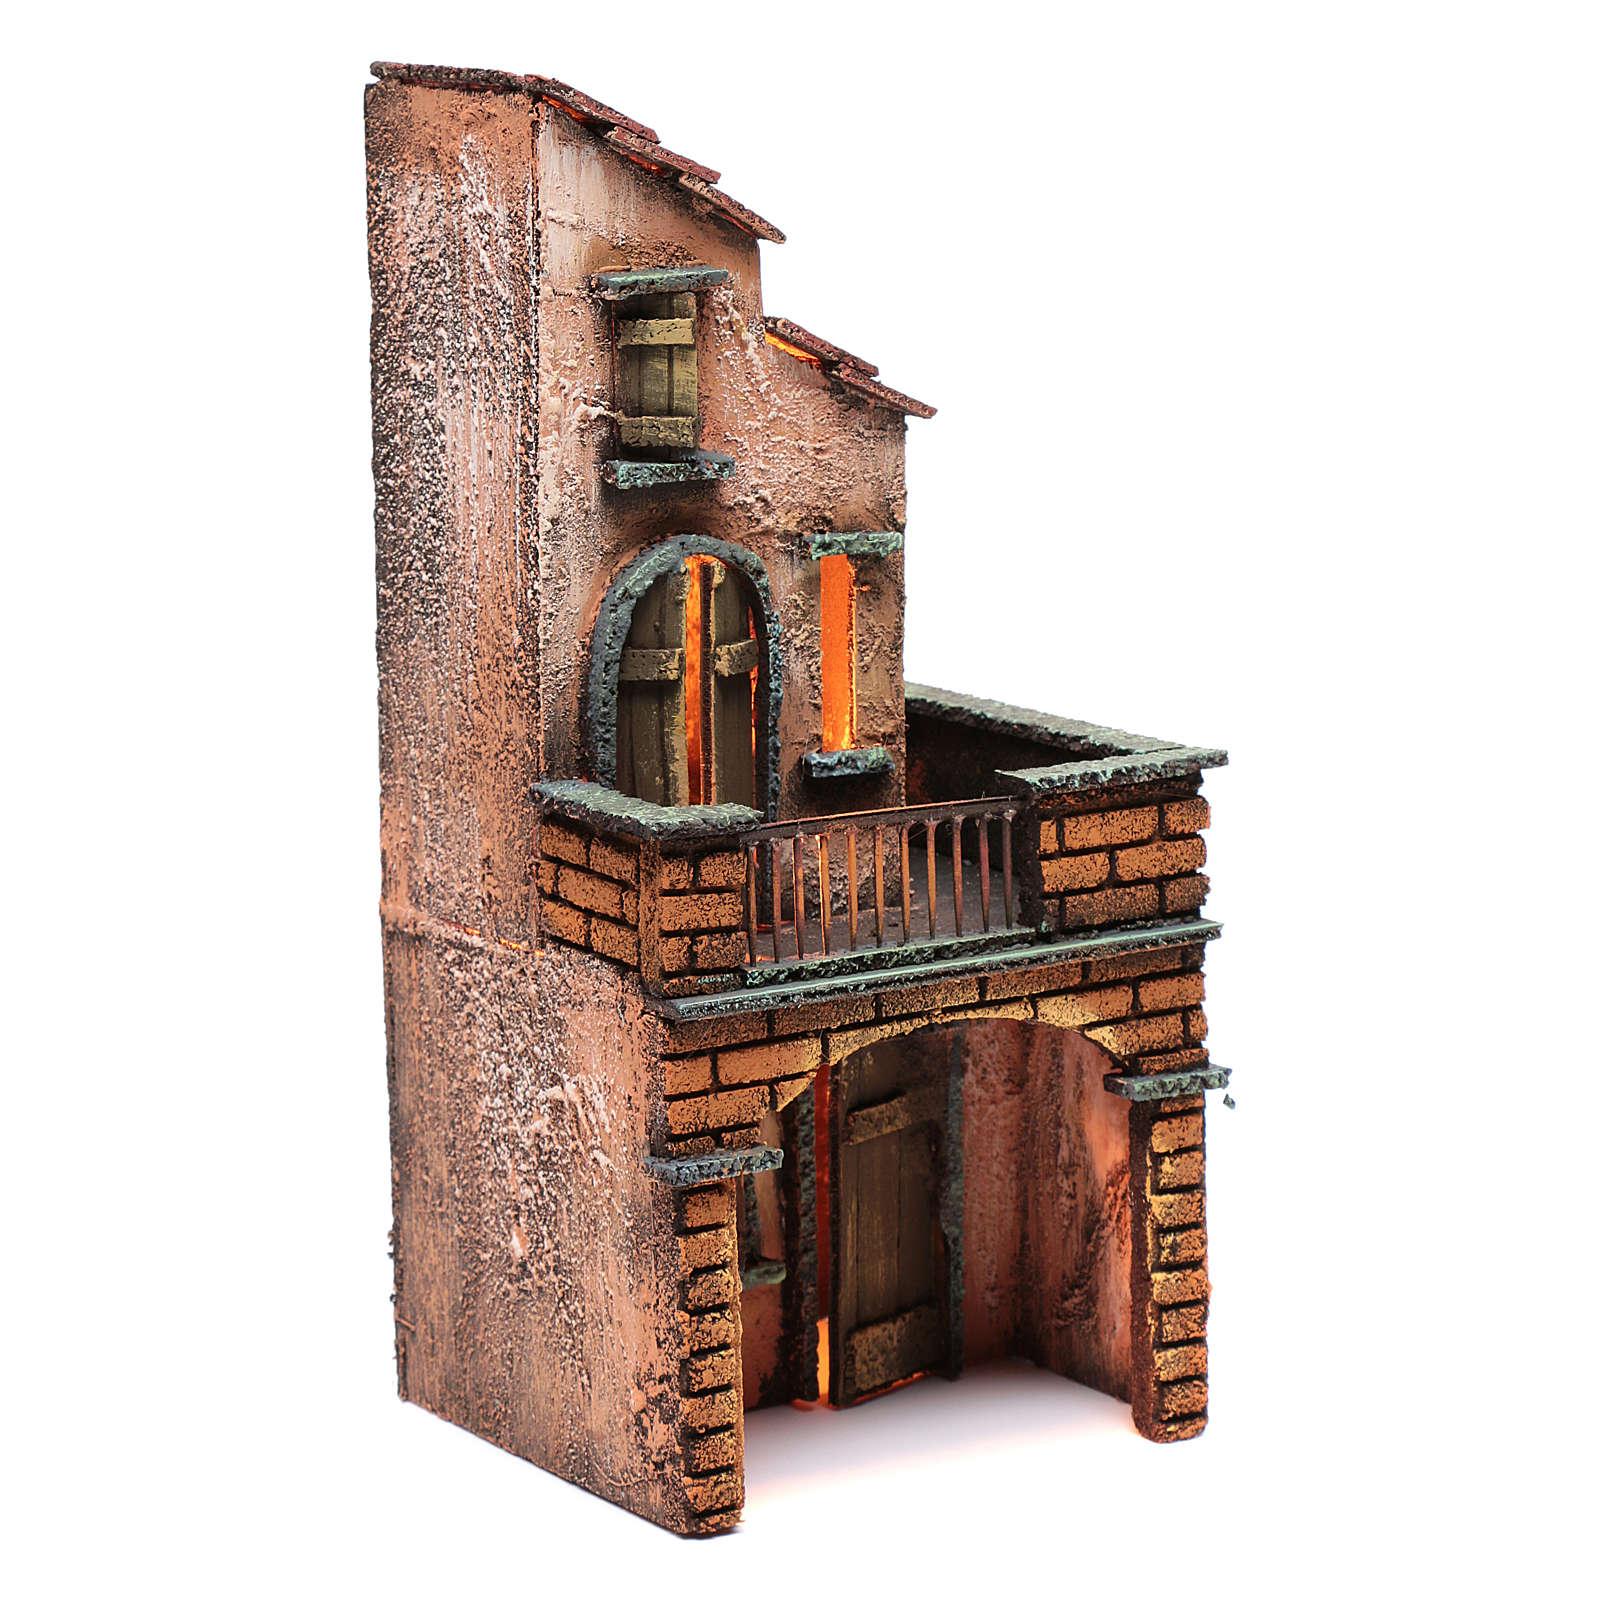 Casa in legno presepe napoletano 30x15x15 illuminata 4